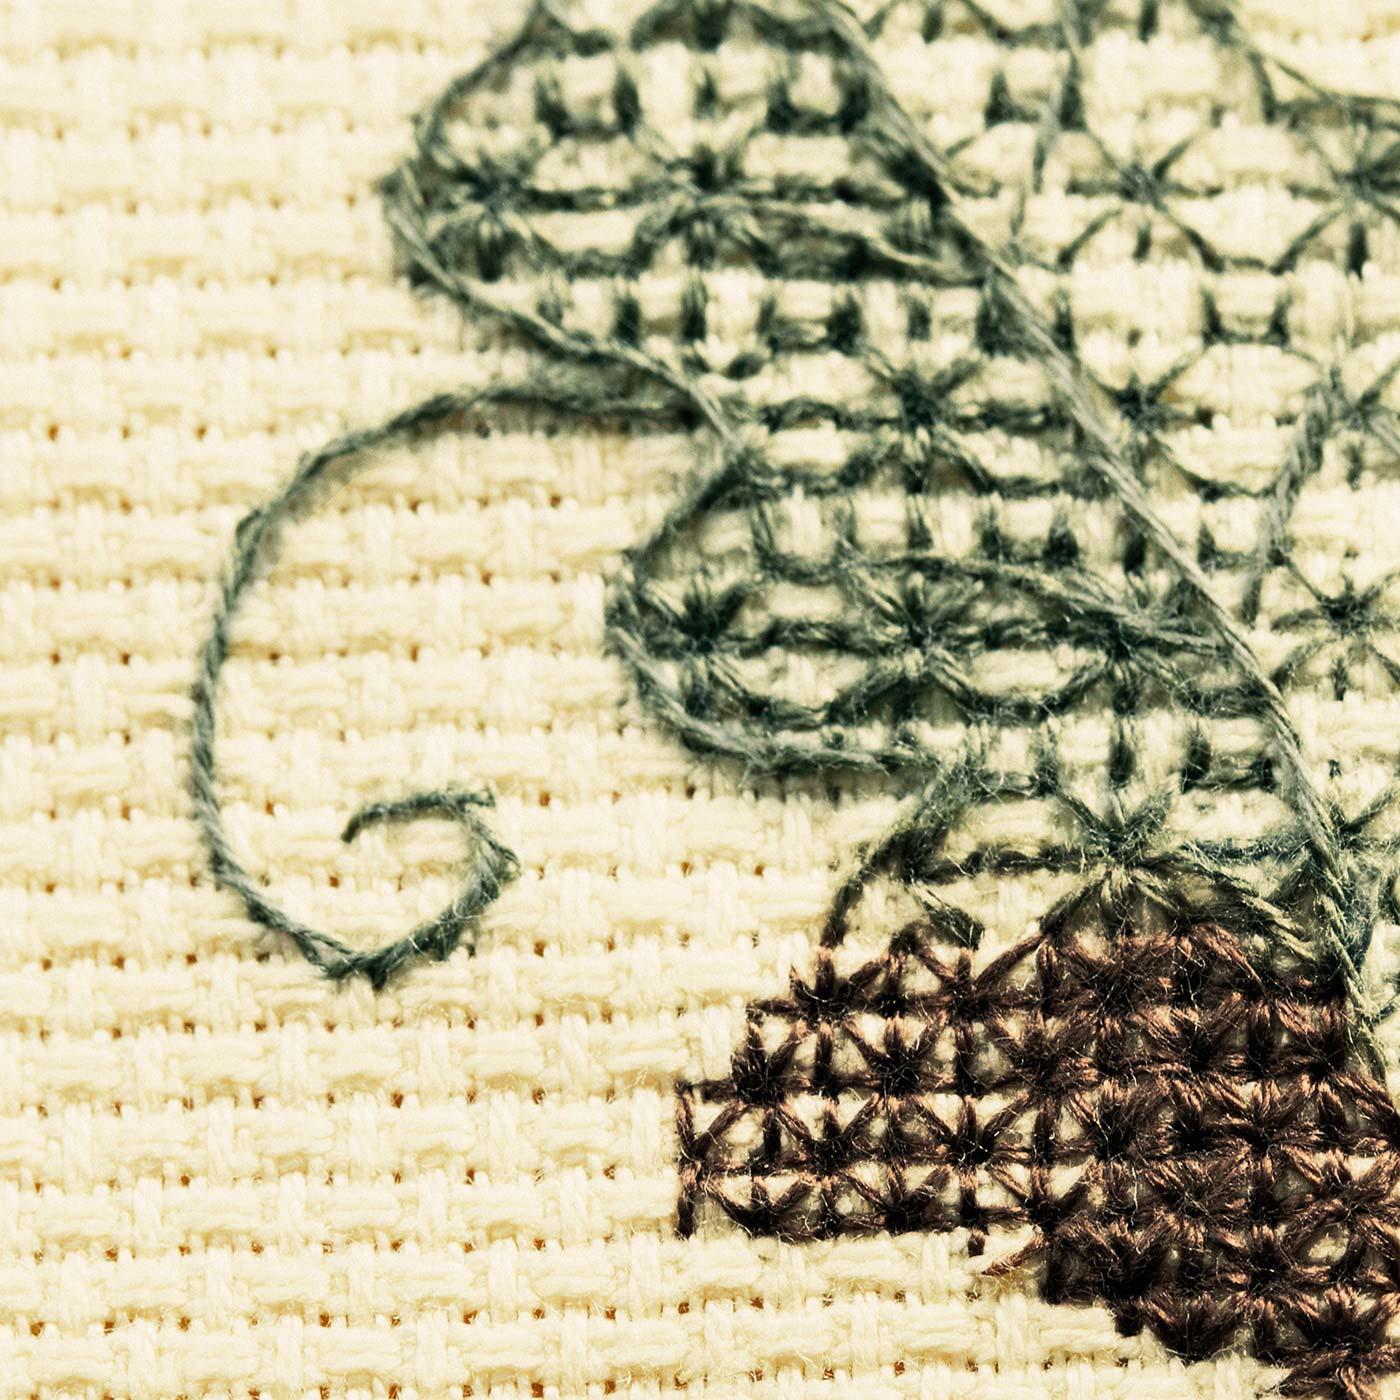 糸の本数で濃淡を表現するブラックワークならではの手法も楽しめます。